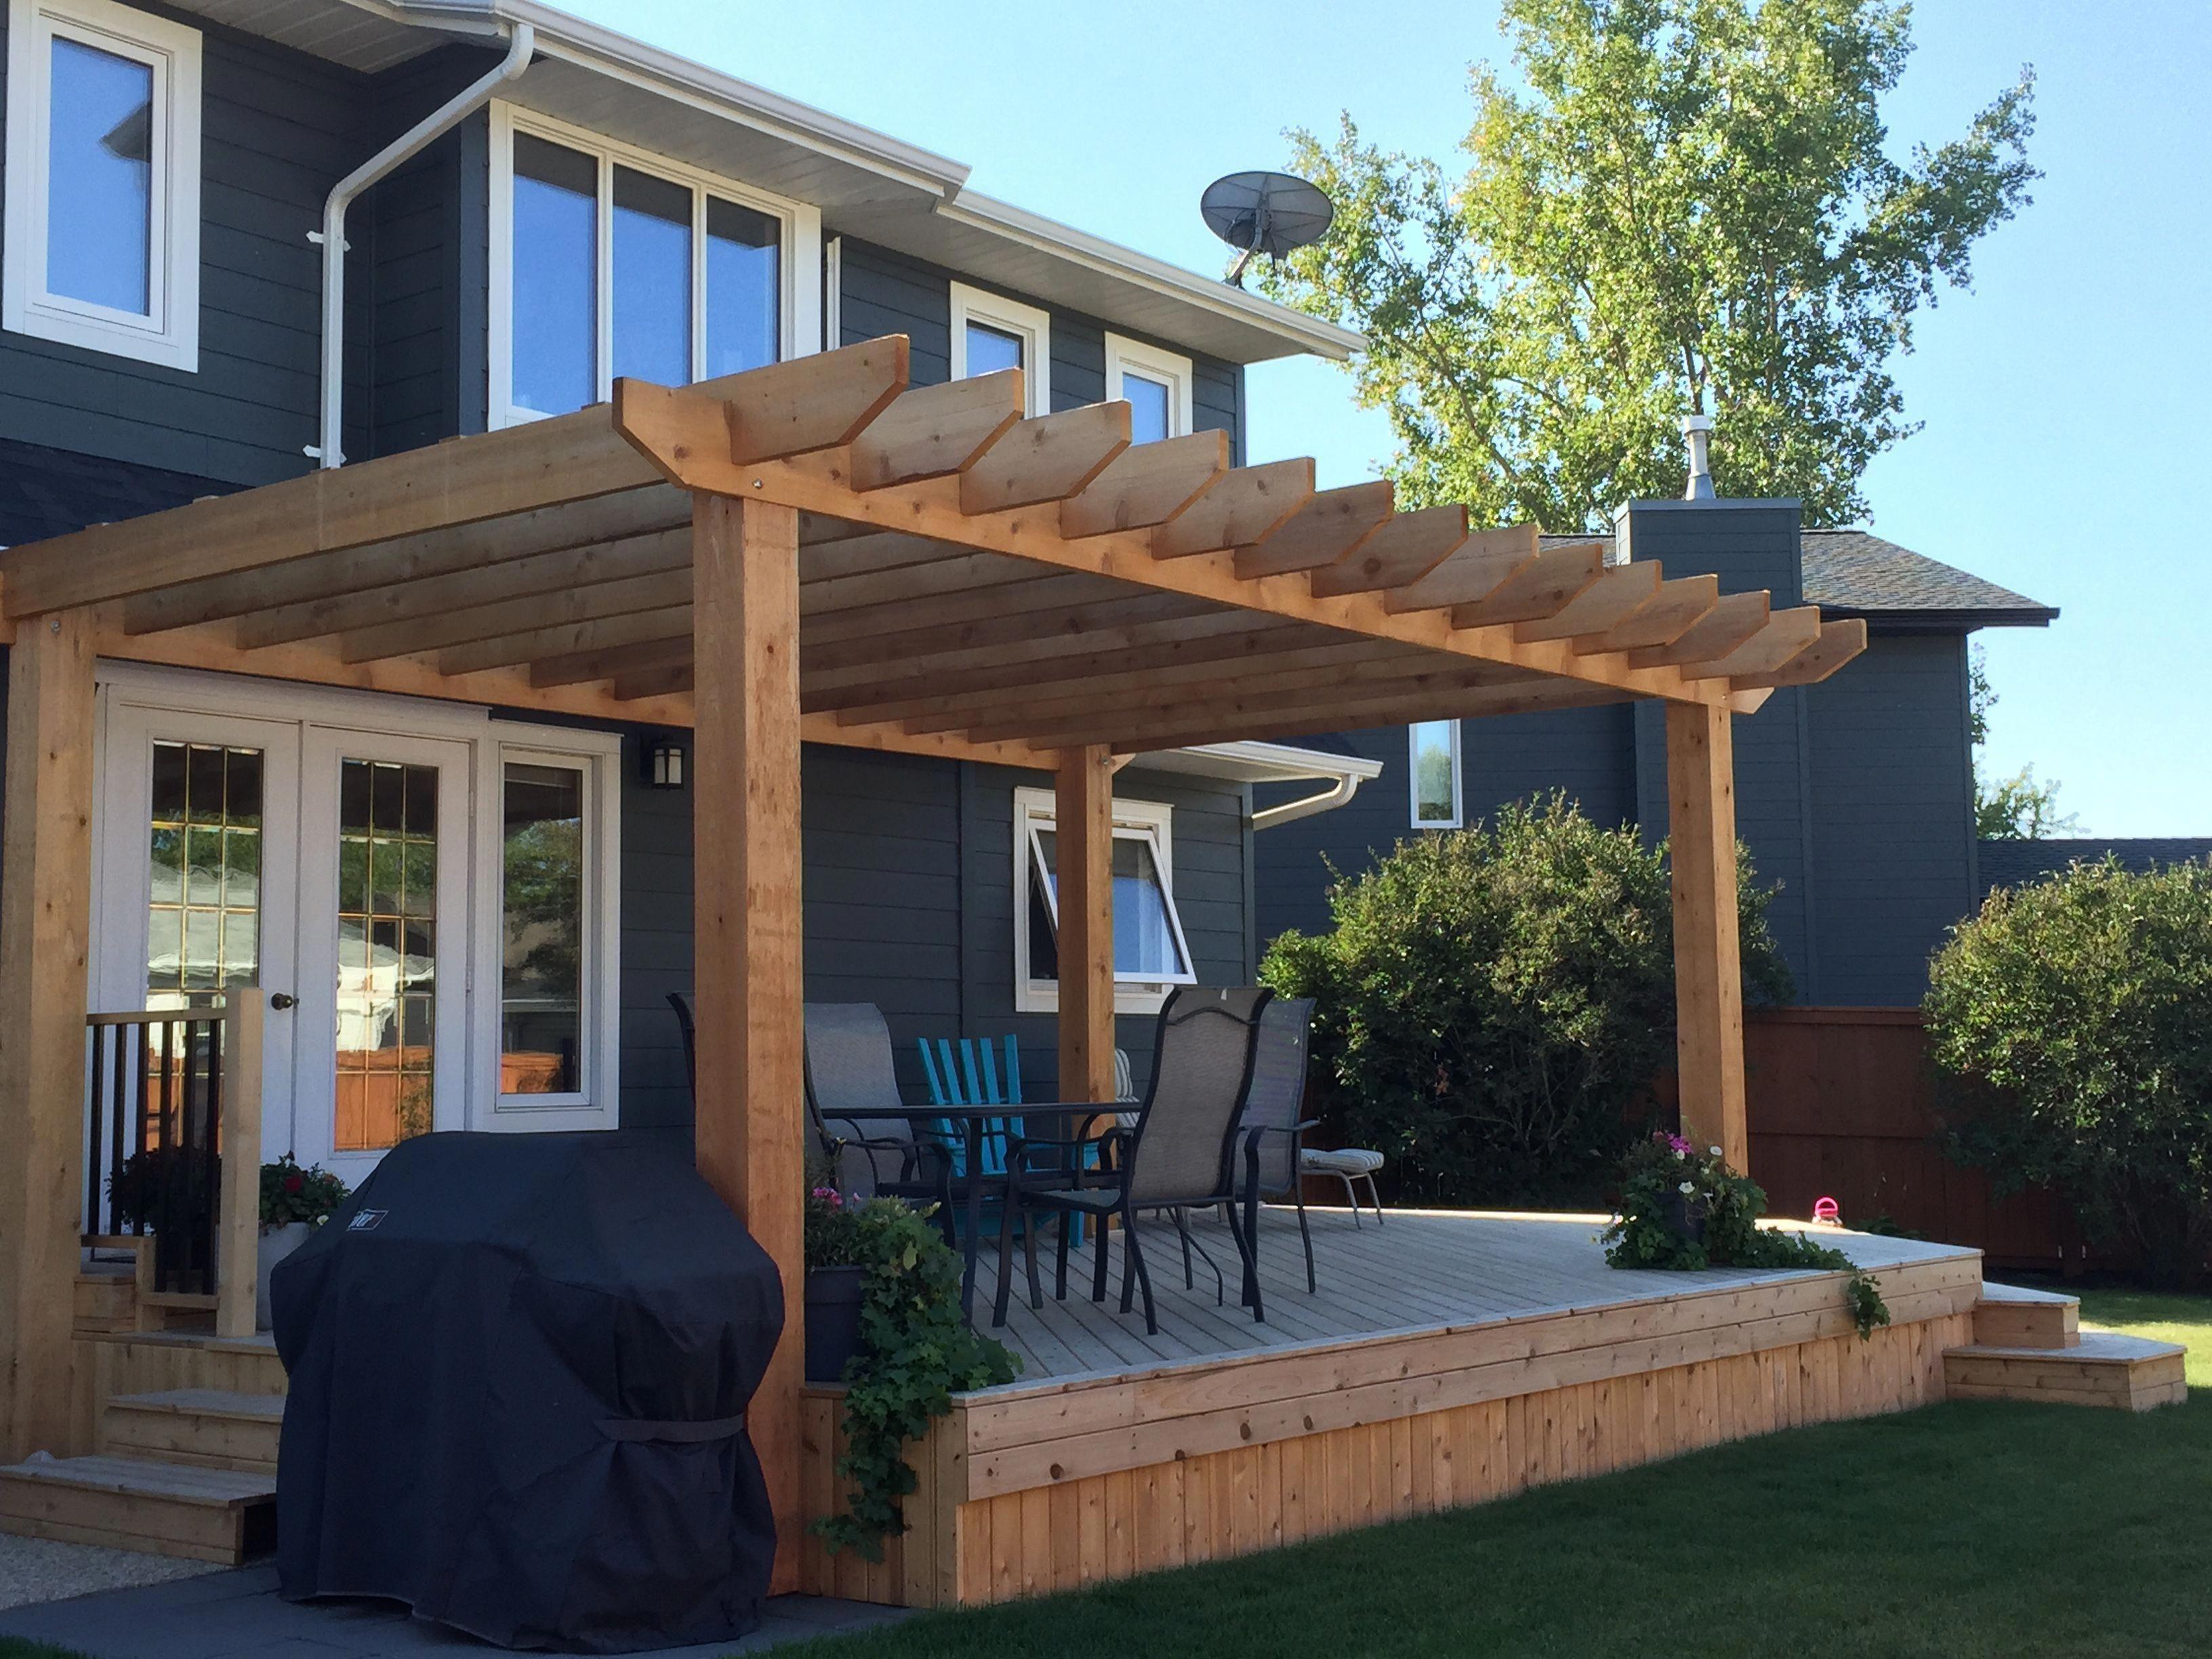 Pin On Pergola Design Ideas Backyard gazebo ideas attached to house